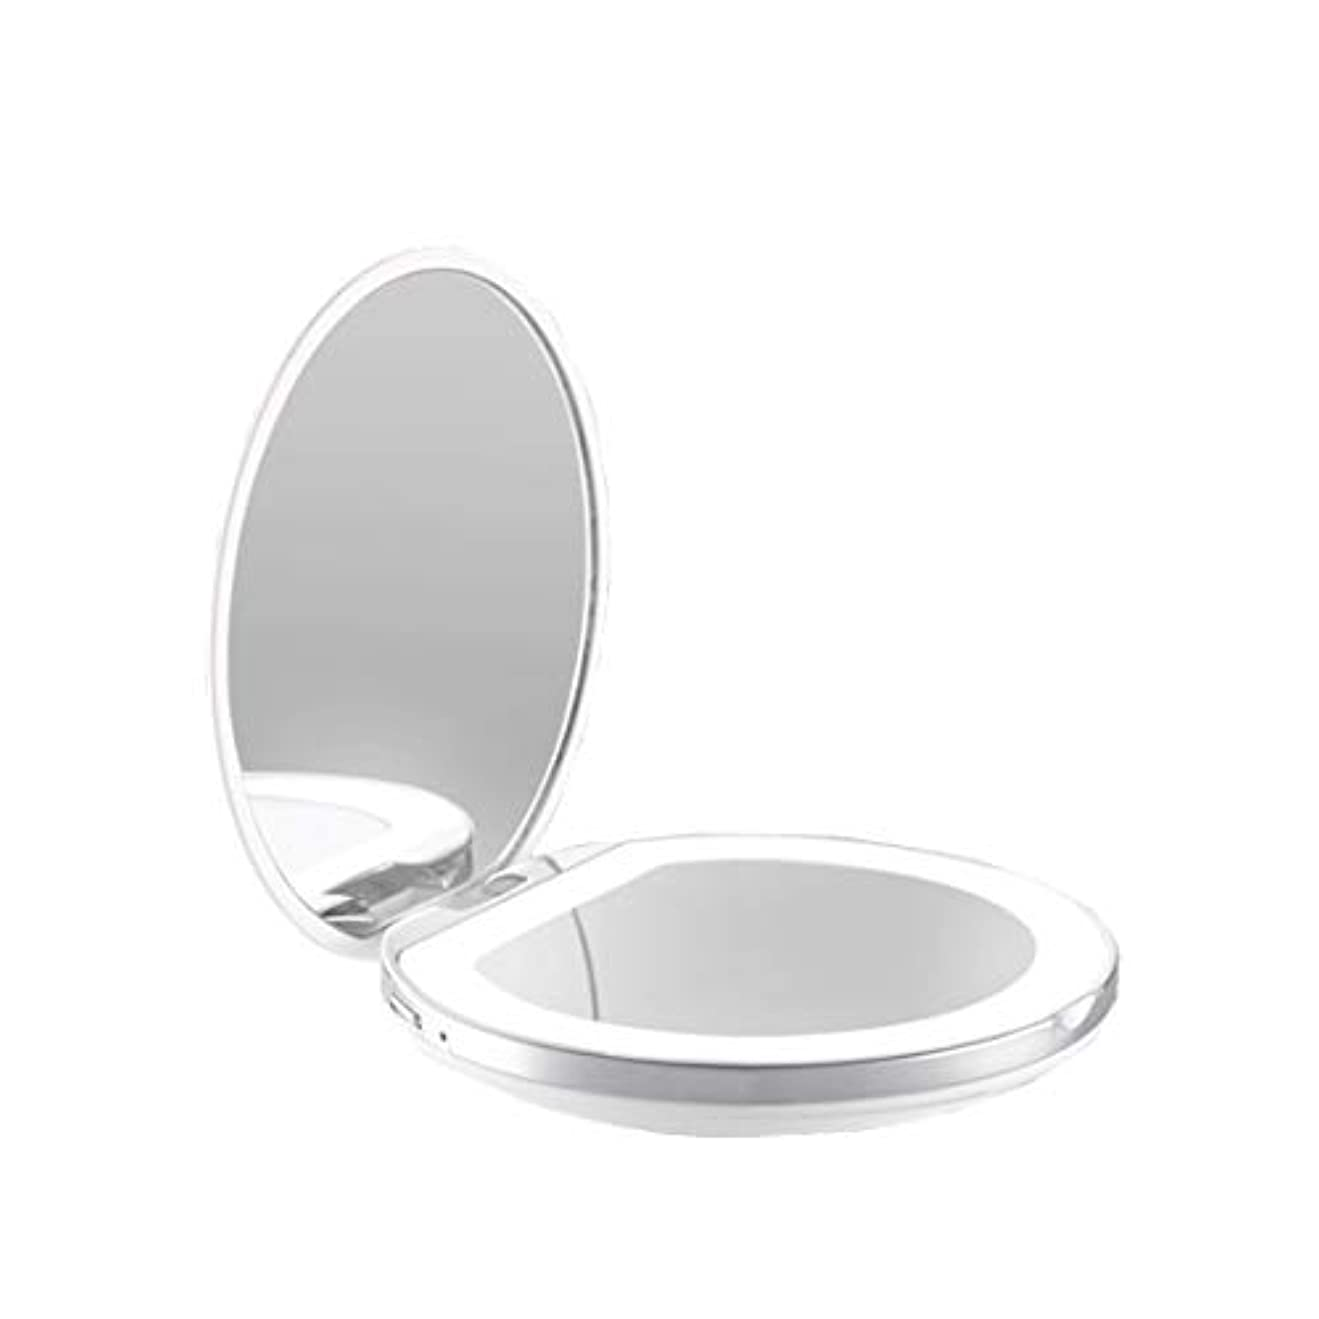 スピンカロリー静的手鏡 両面鏡 ライト付きミラー 女優ミラー 3倍拡大鏡付き お姫様 ミラー おしゃれ 卓上 LEDライト 化粧鏡 コンパクト 折り畳み式 スタンドミラー 角度調整